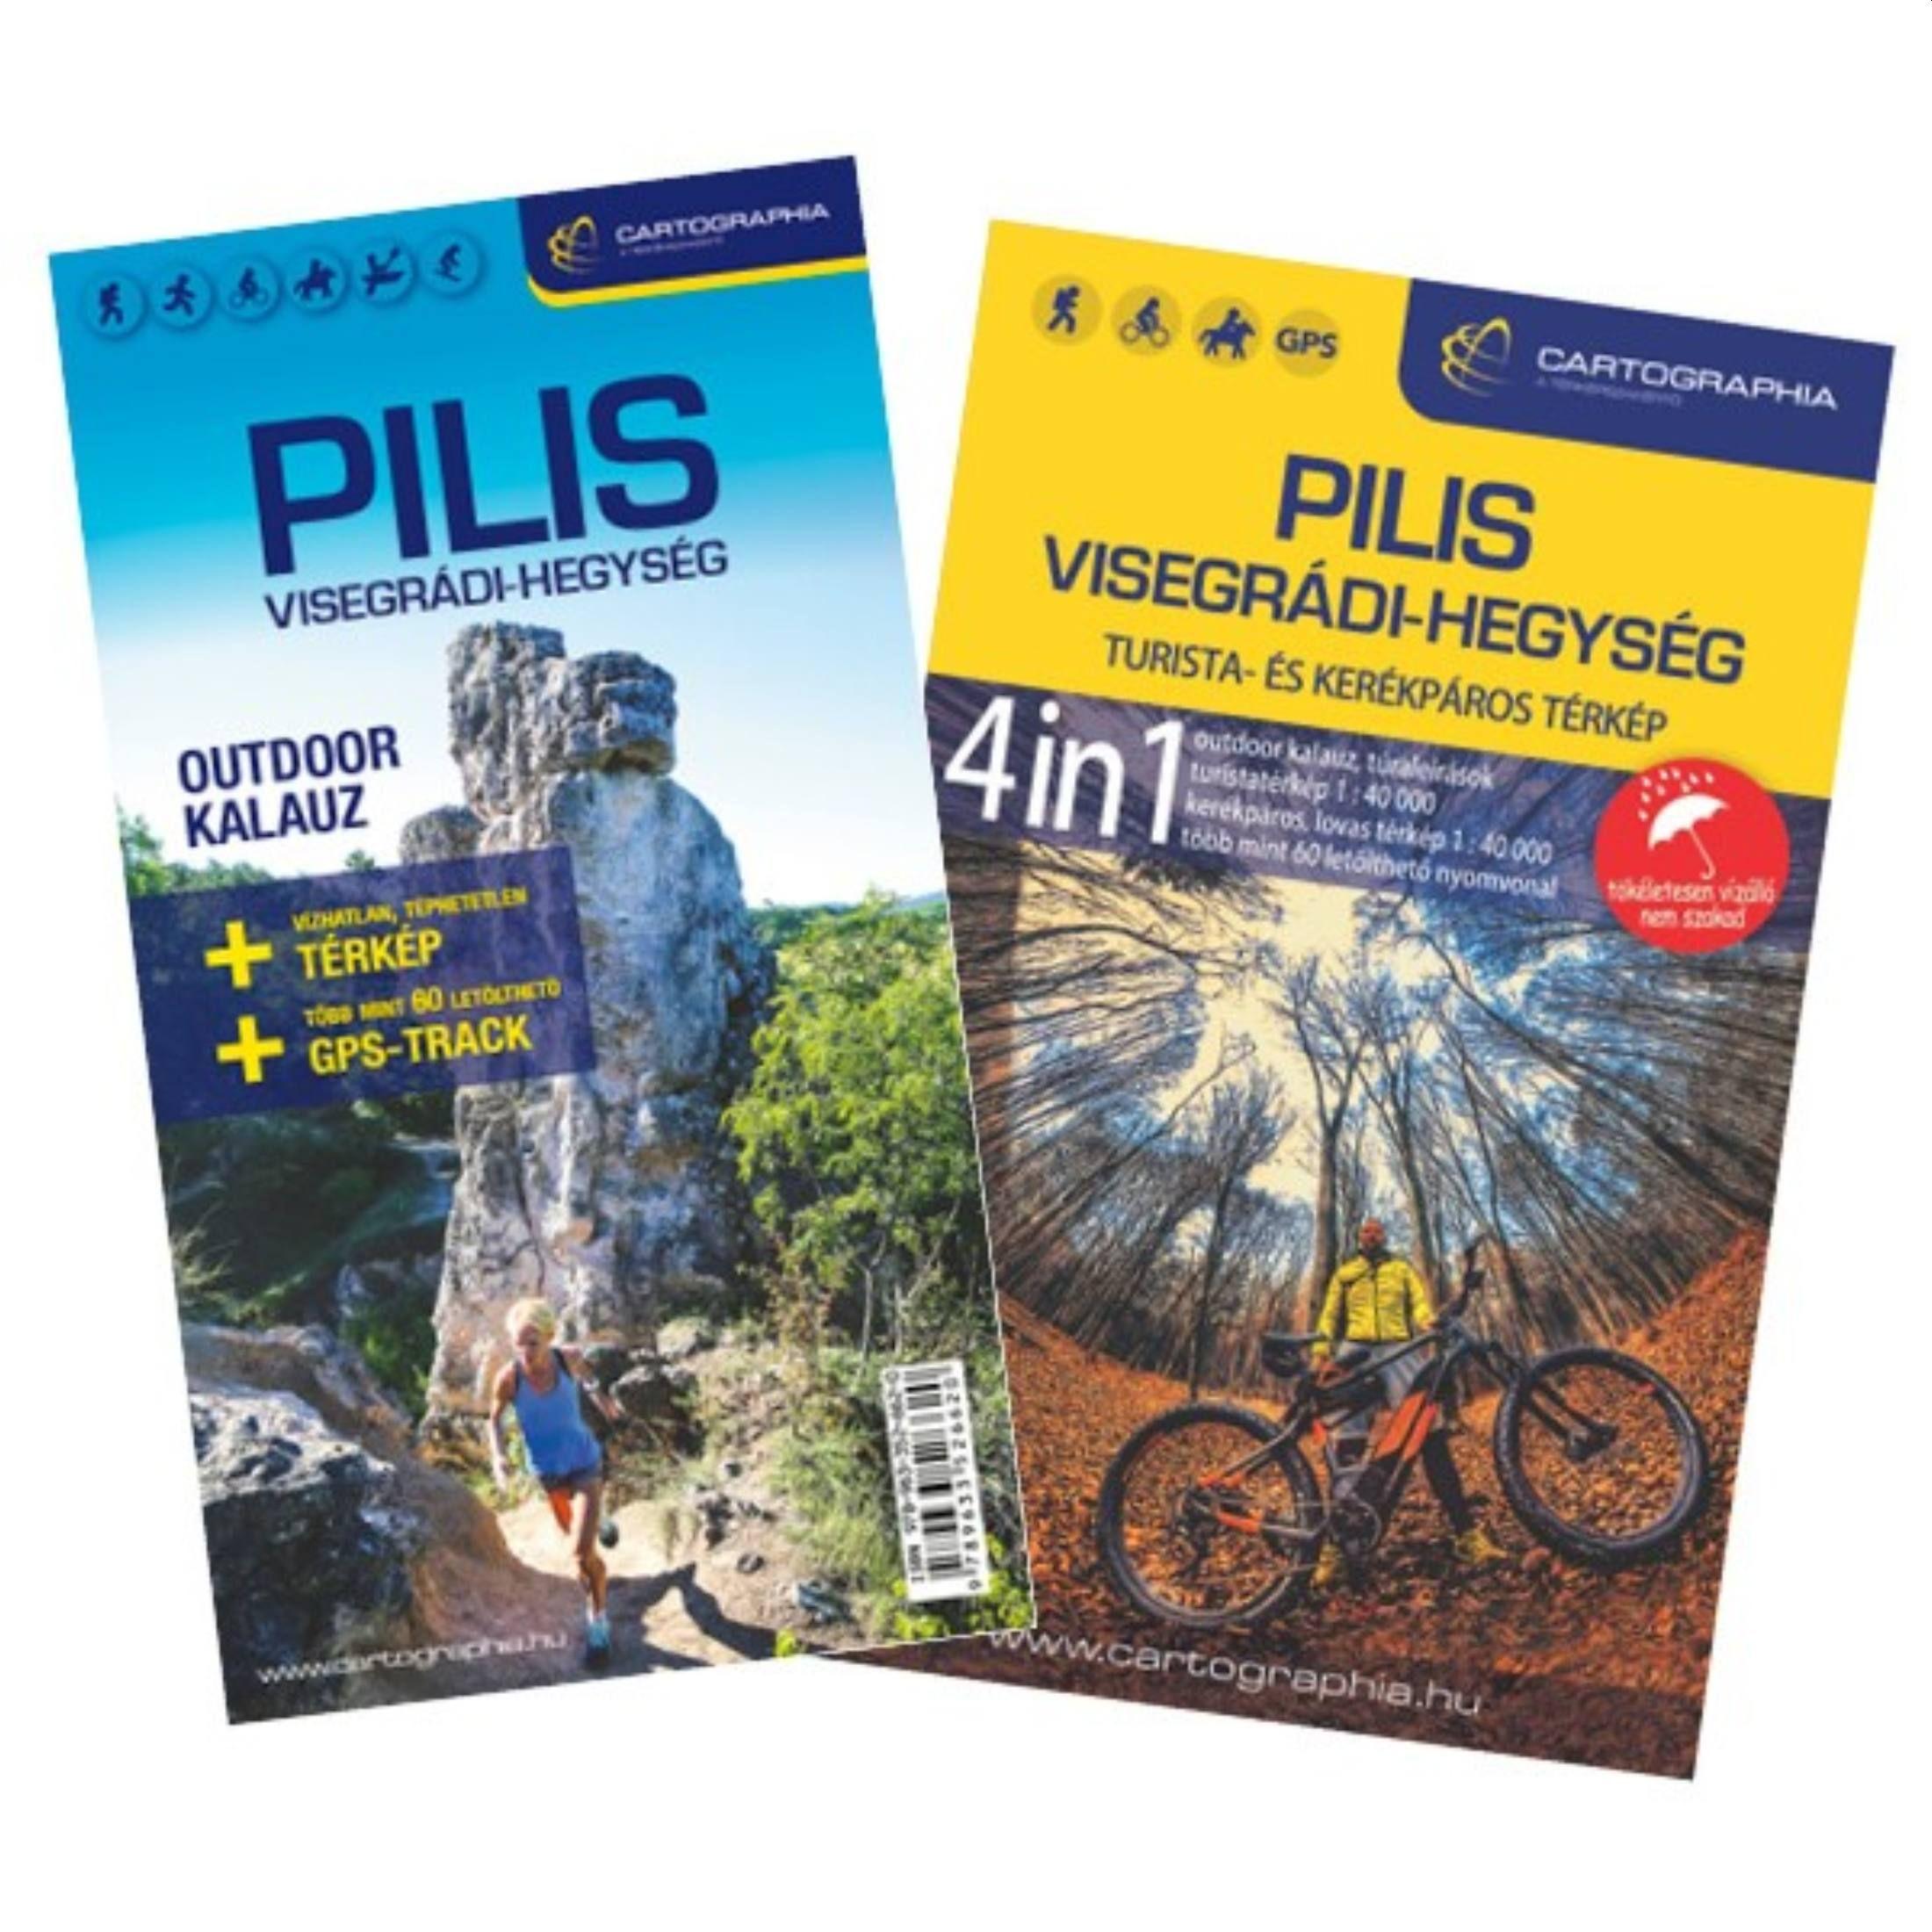 Pilis outdoor kalauz térképes és szöveges részek címlapja